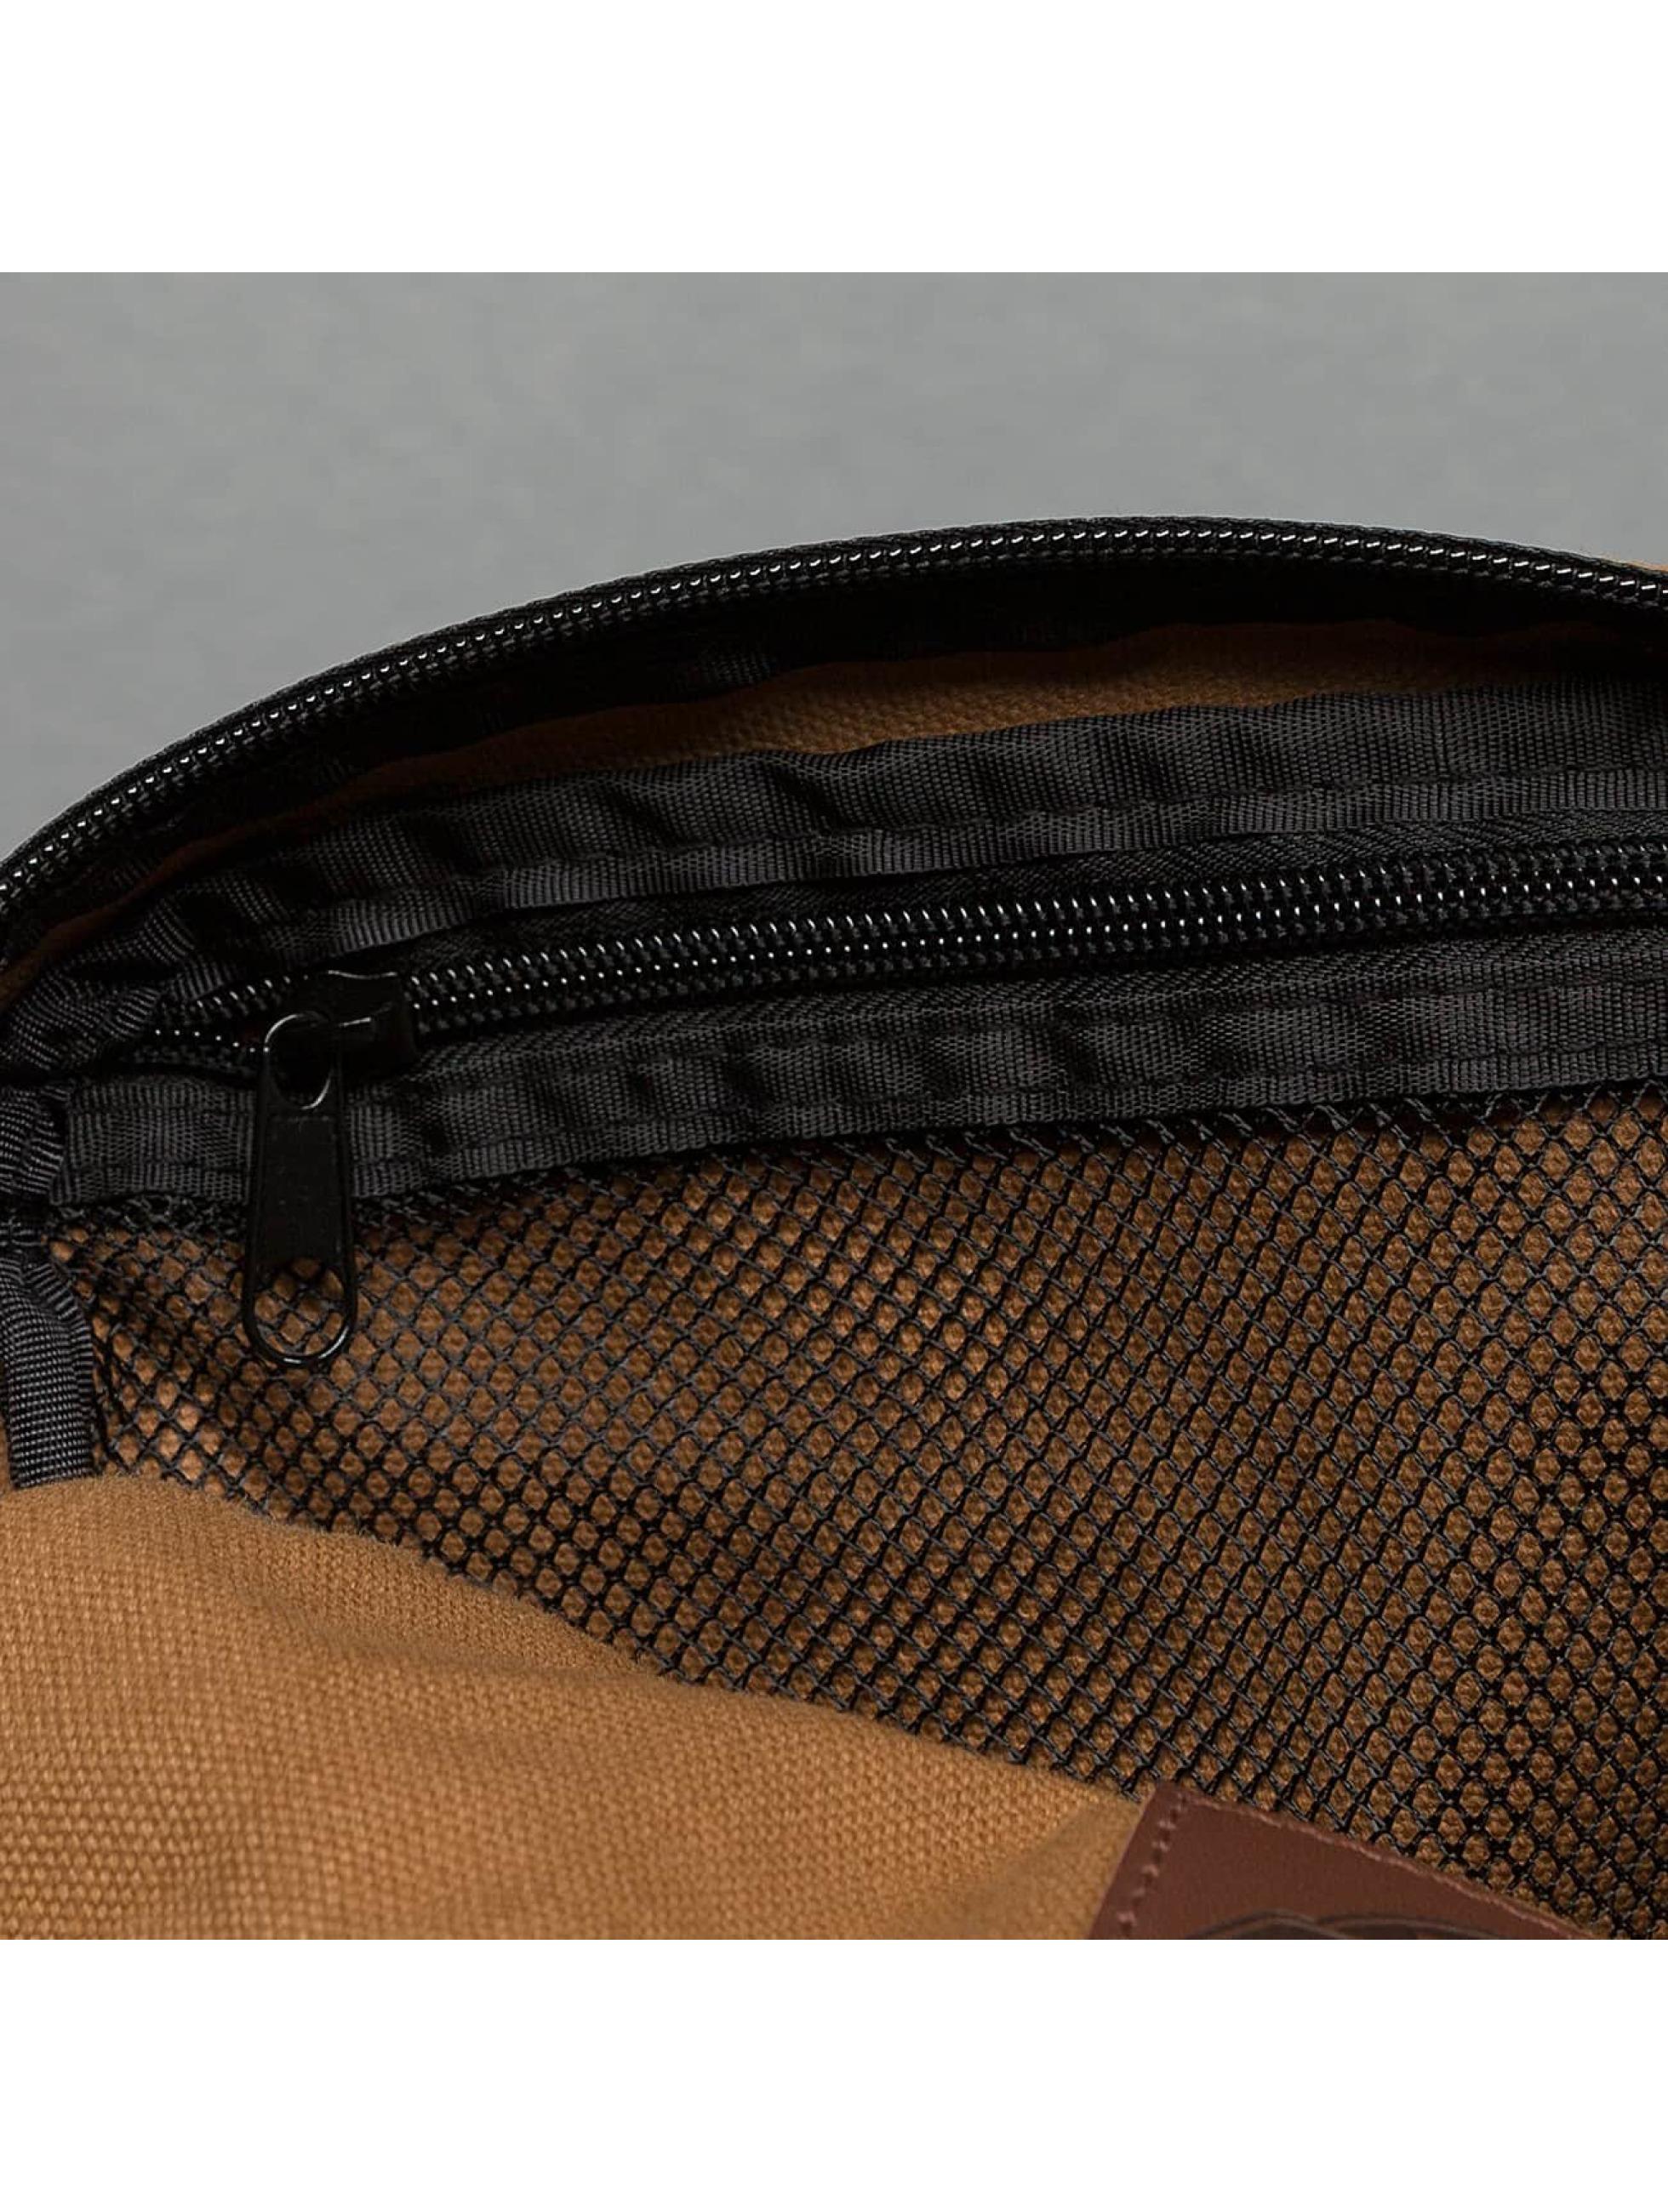 Dickies Bag Sellersburg brown